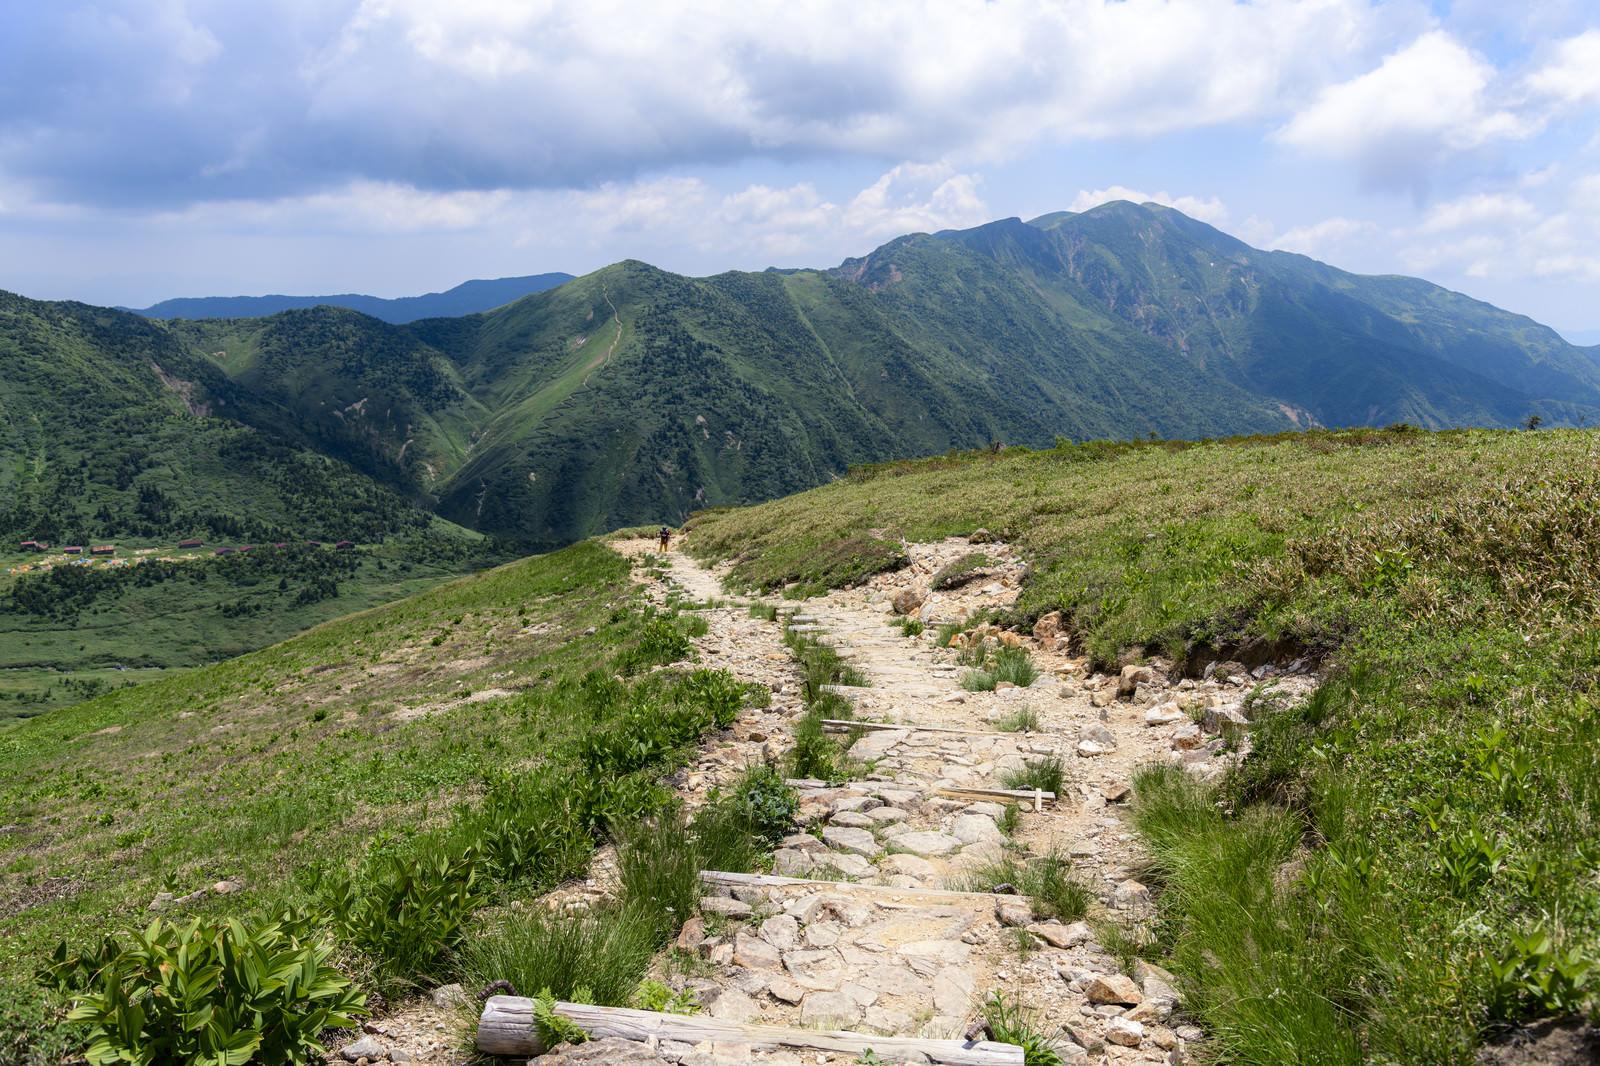 「弥陀ヶ原へと向かう道から見える別山(白山)」の写真